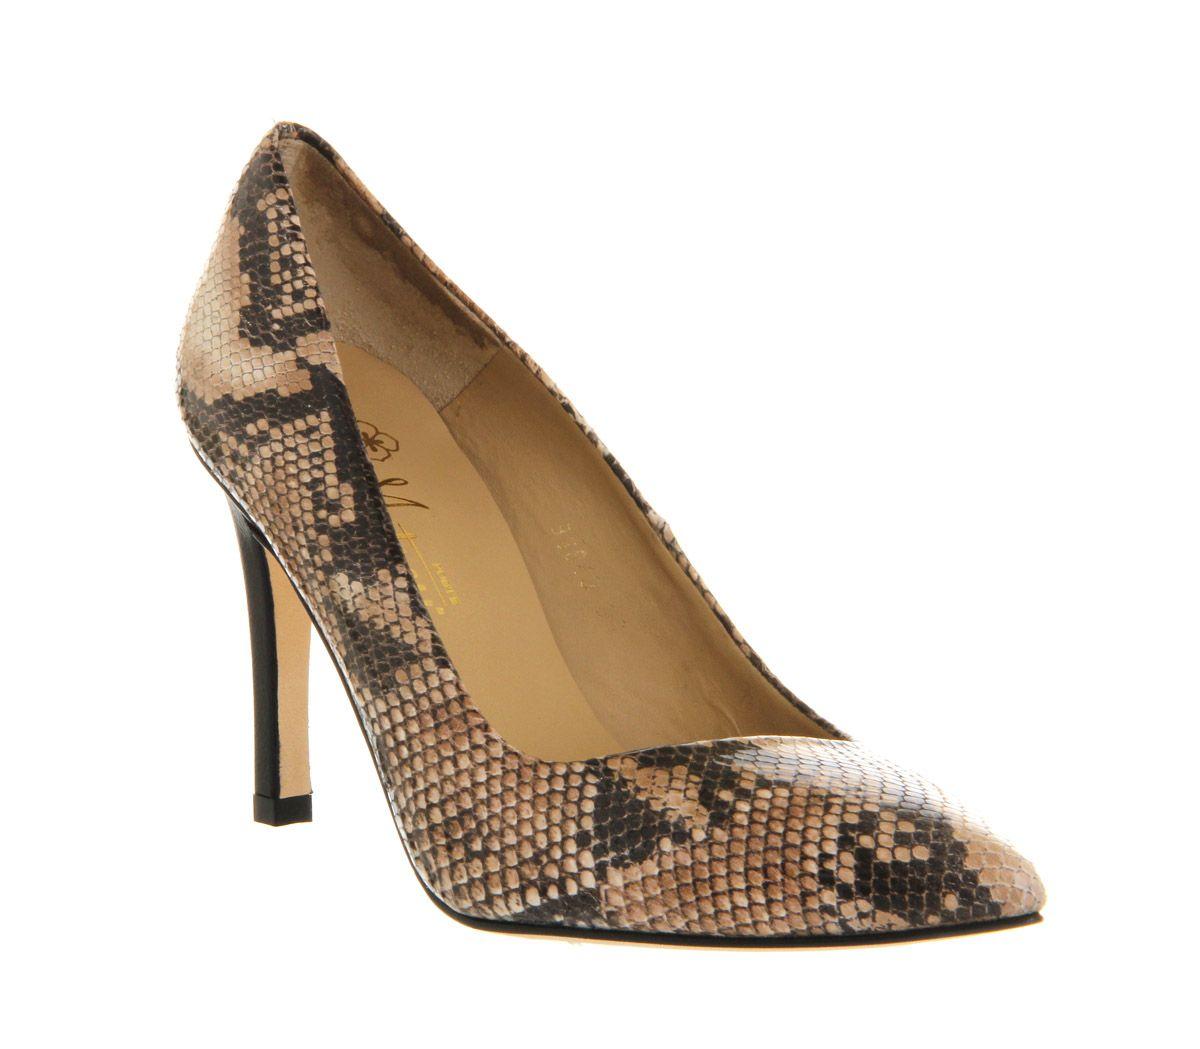 Poste Mistress Lorretta Court Snake Leather Heels http://shop.pixiie.net/womens-poste-mistress-lorretta-court-snake-leather-heels-blackmulti-coloured/